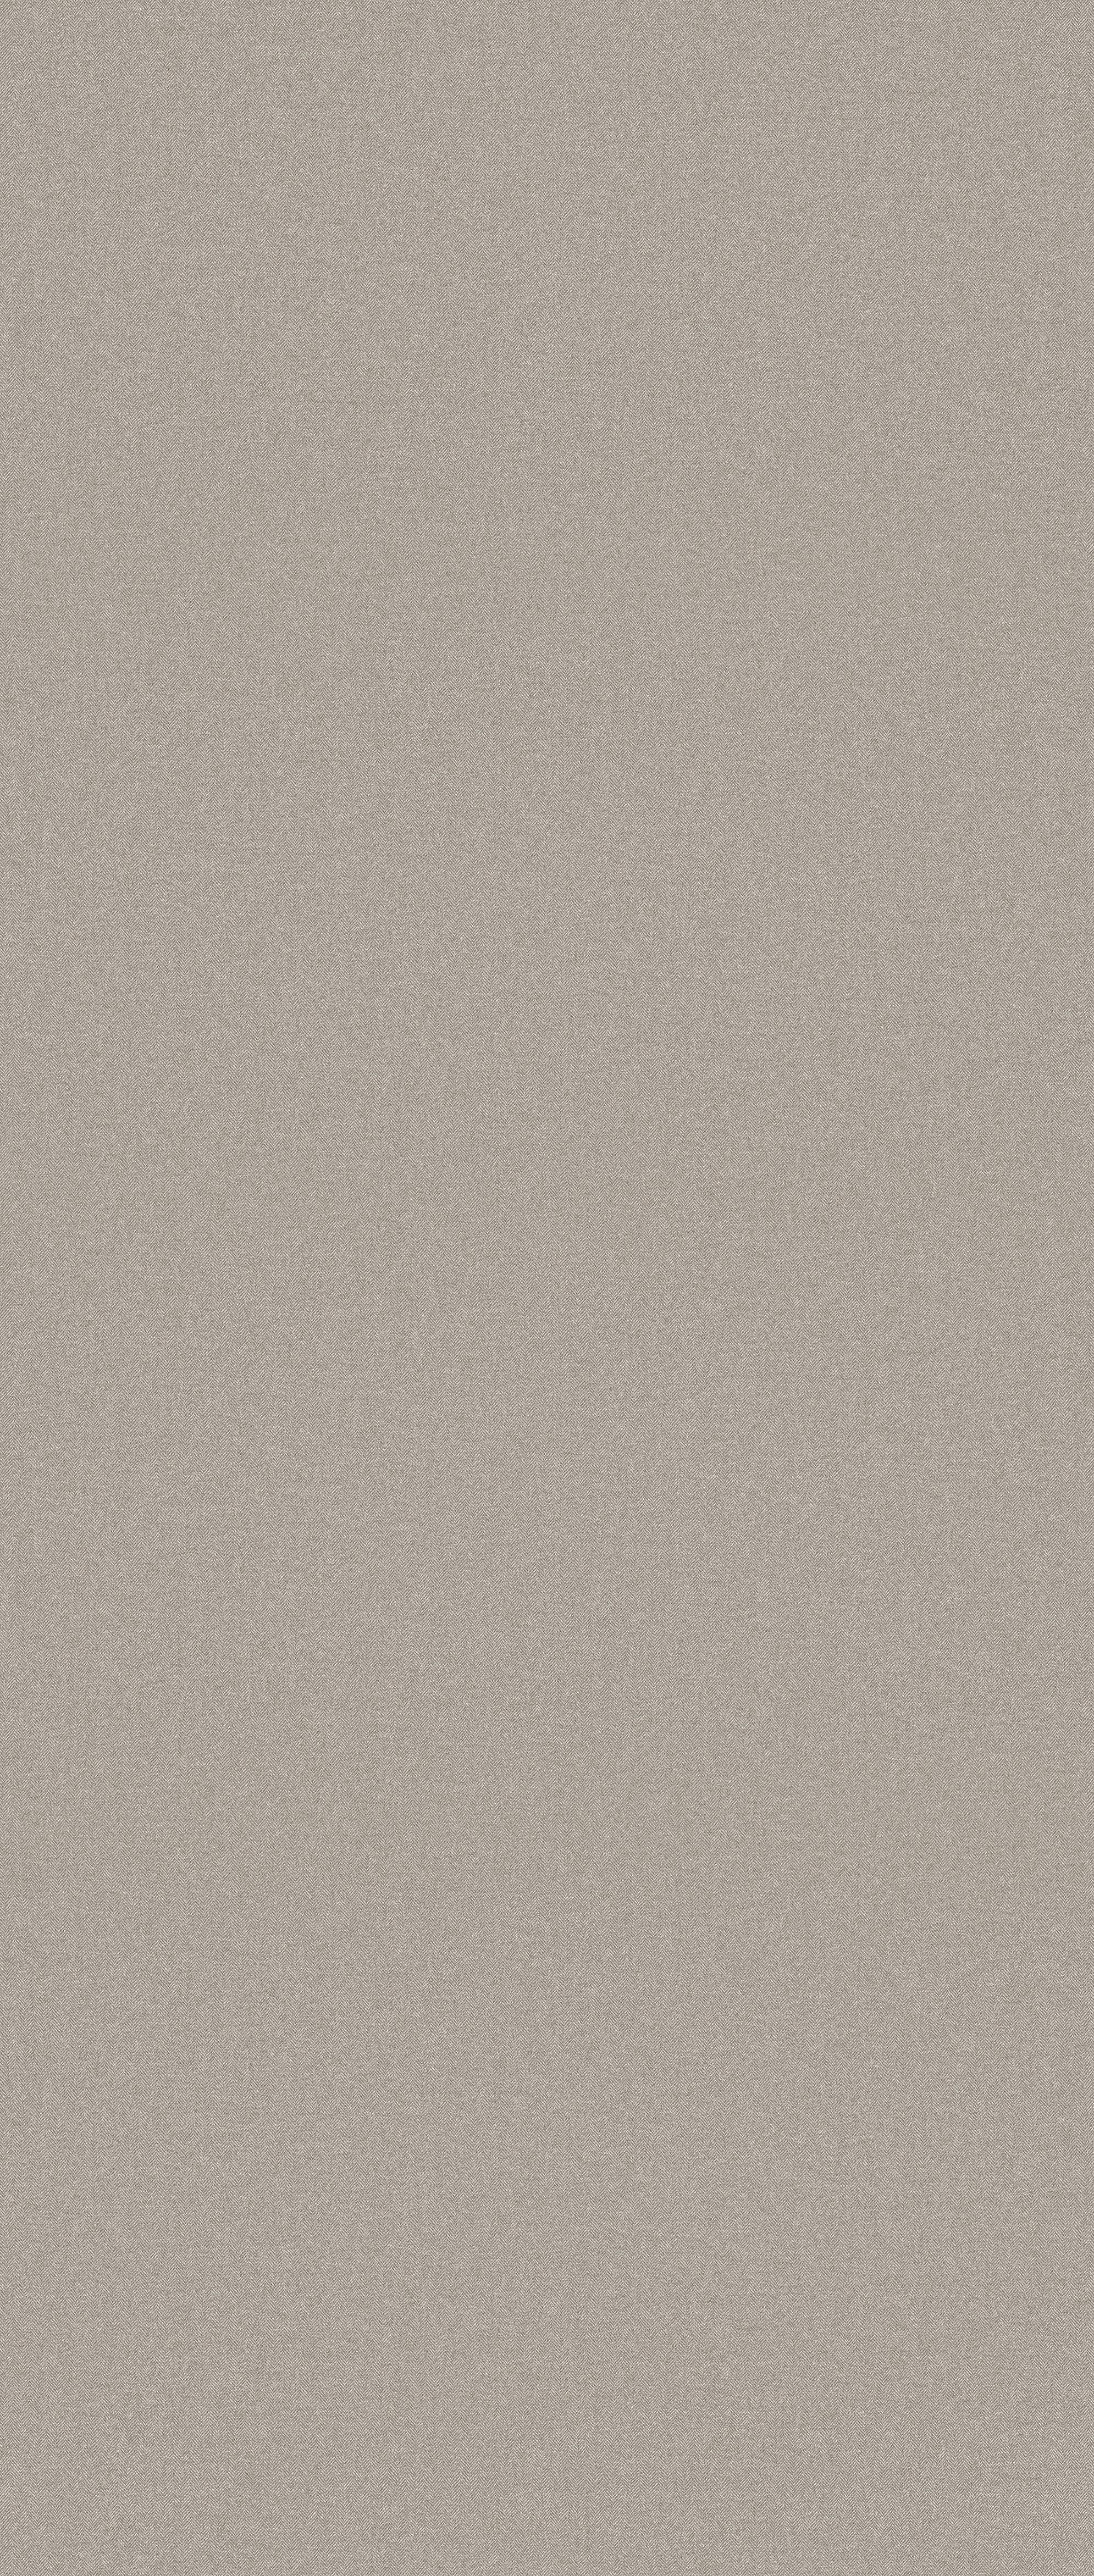 Fimaplast Espiga Pimienta Textil 2440 x 2100 x 6 mm: Productos y servicios   de Maderas Fernández Garrido, S.A.